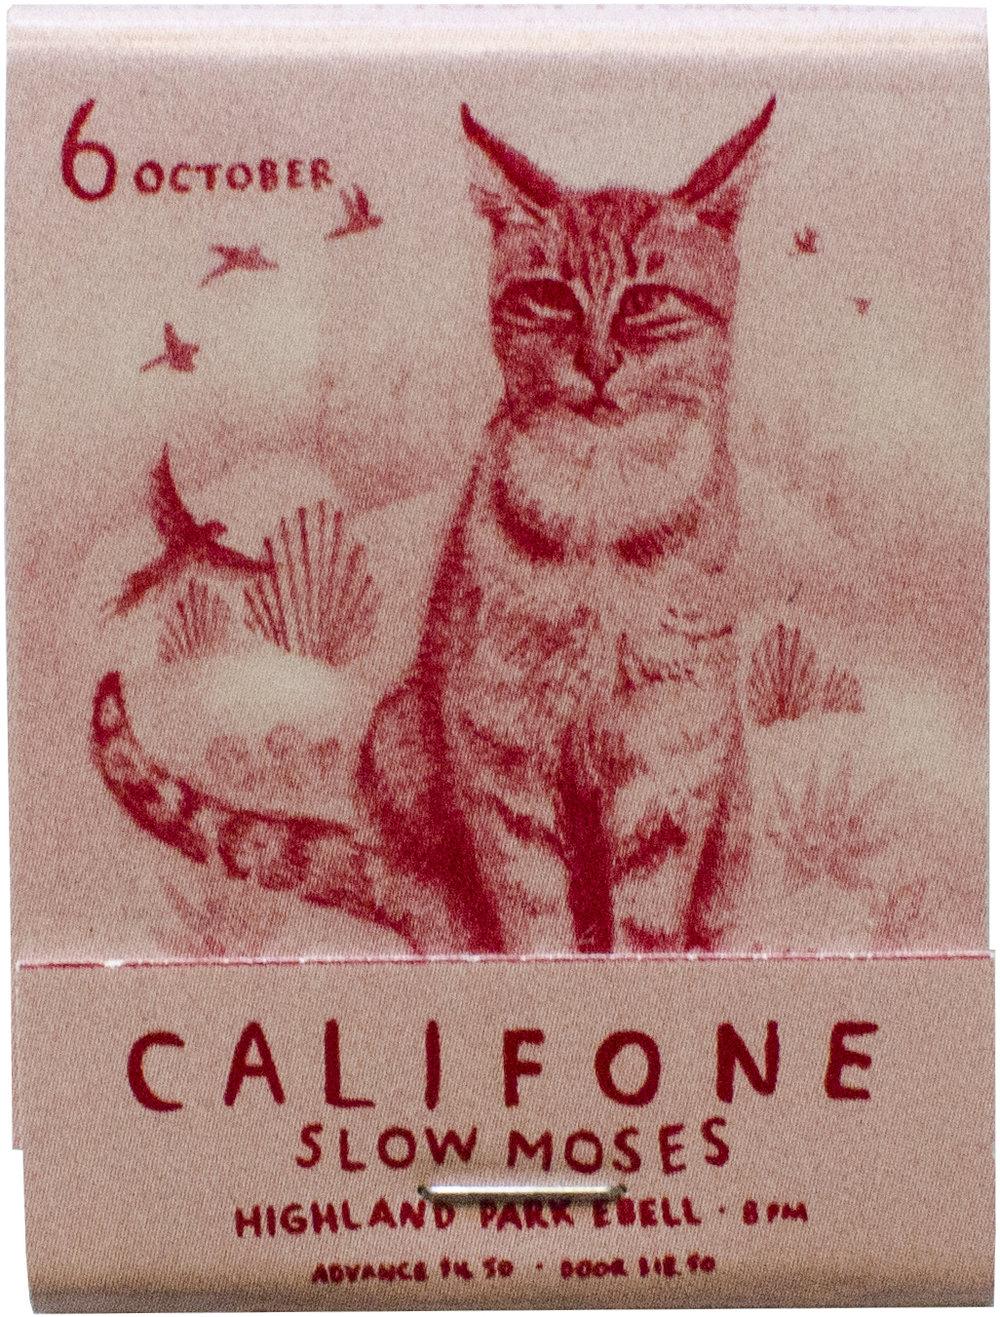 2016-10-6 Califone.jpg